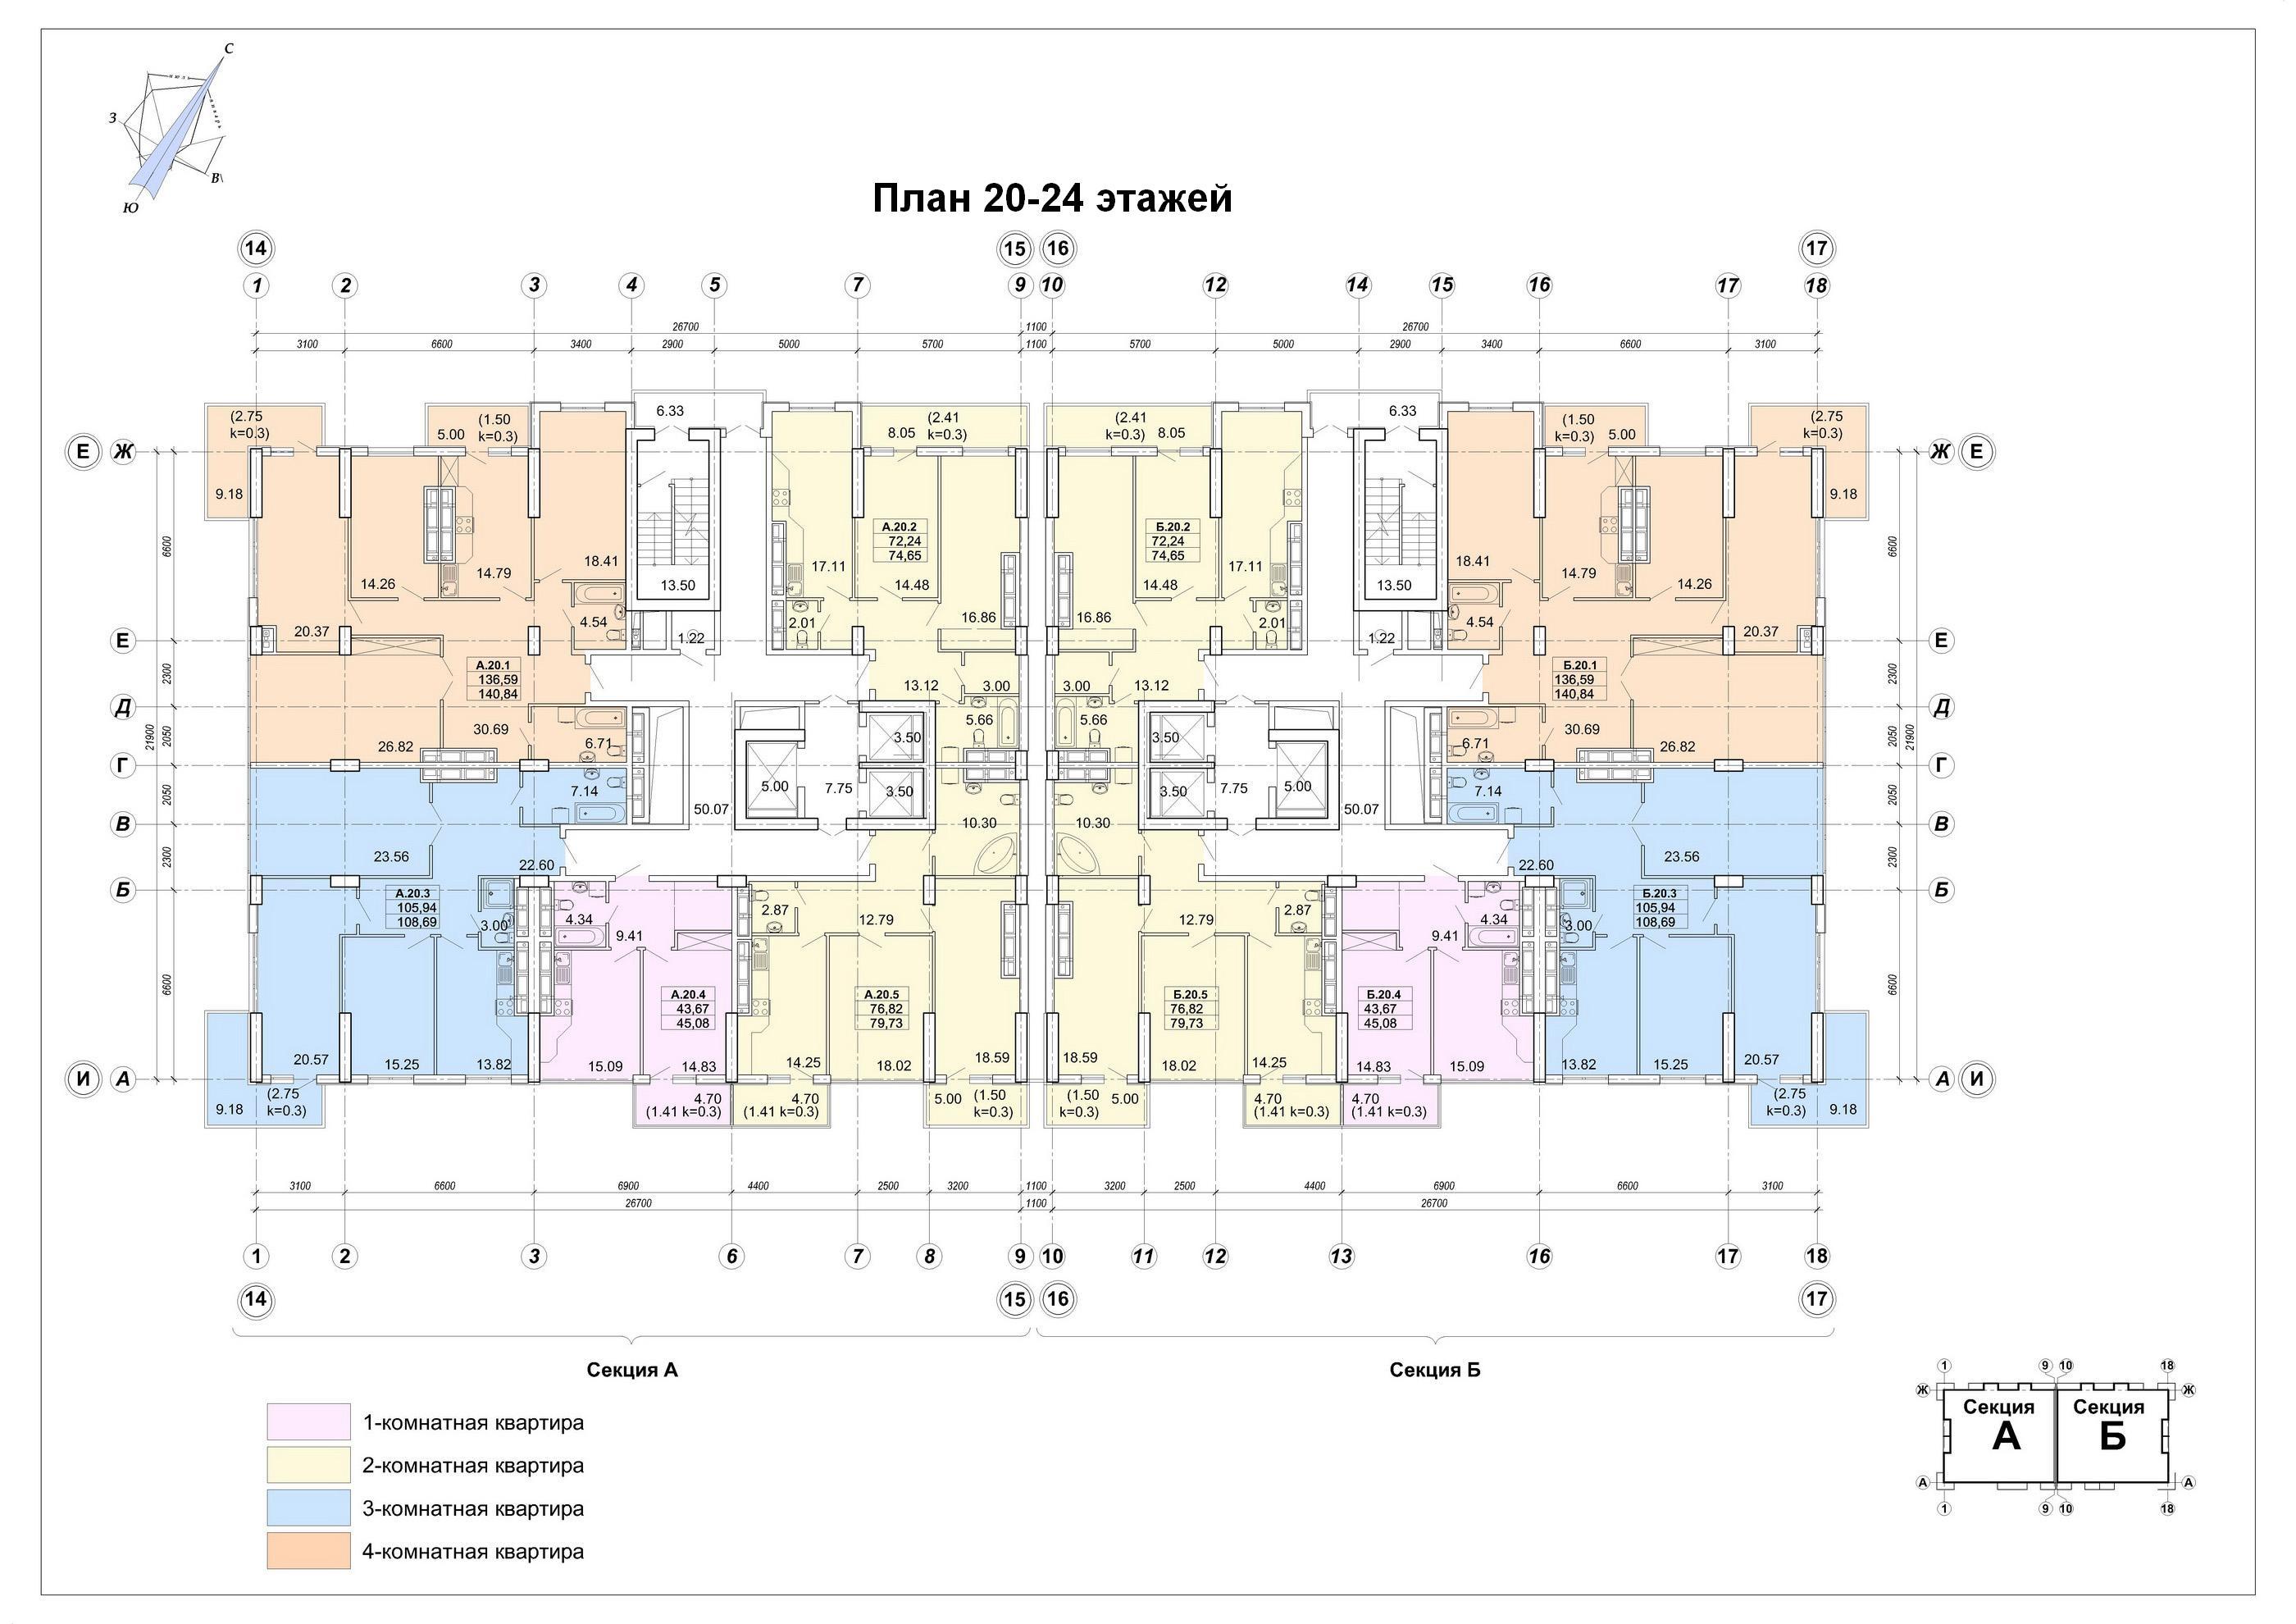 ЖК Акрополь план 20-24 этажей